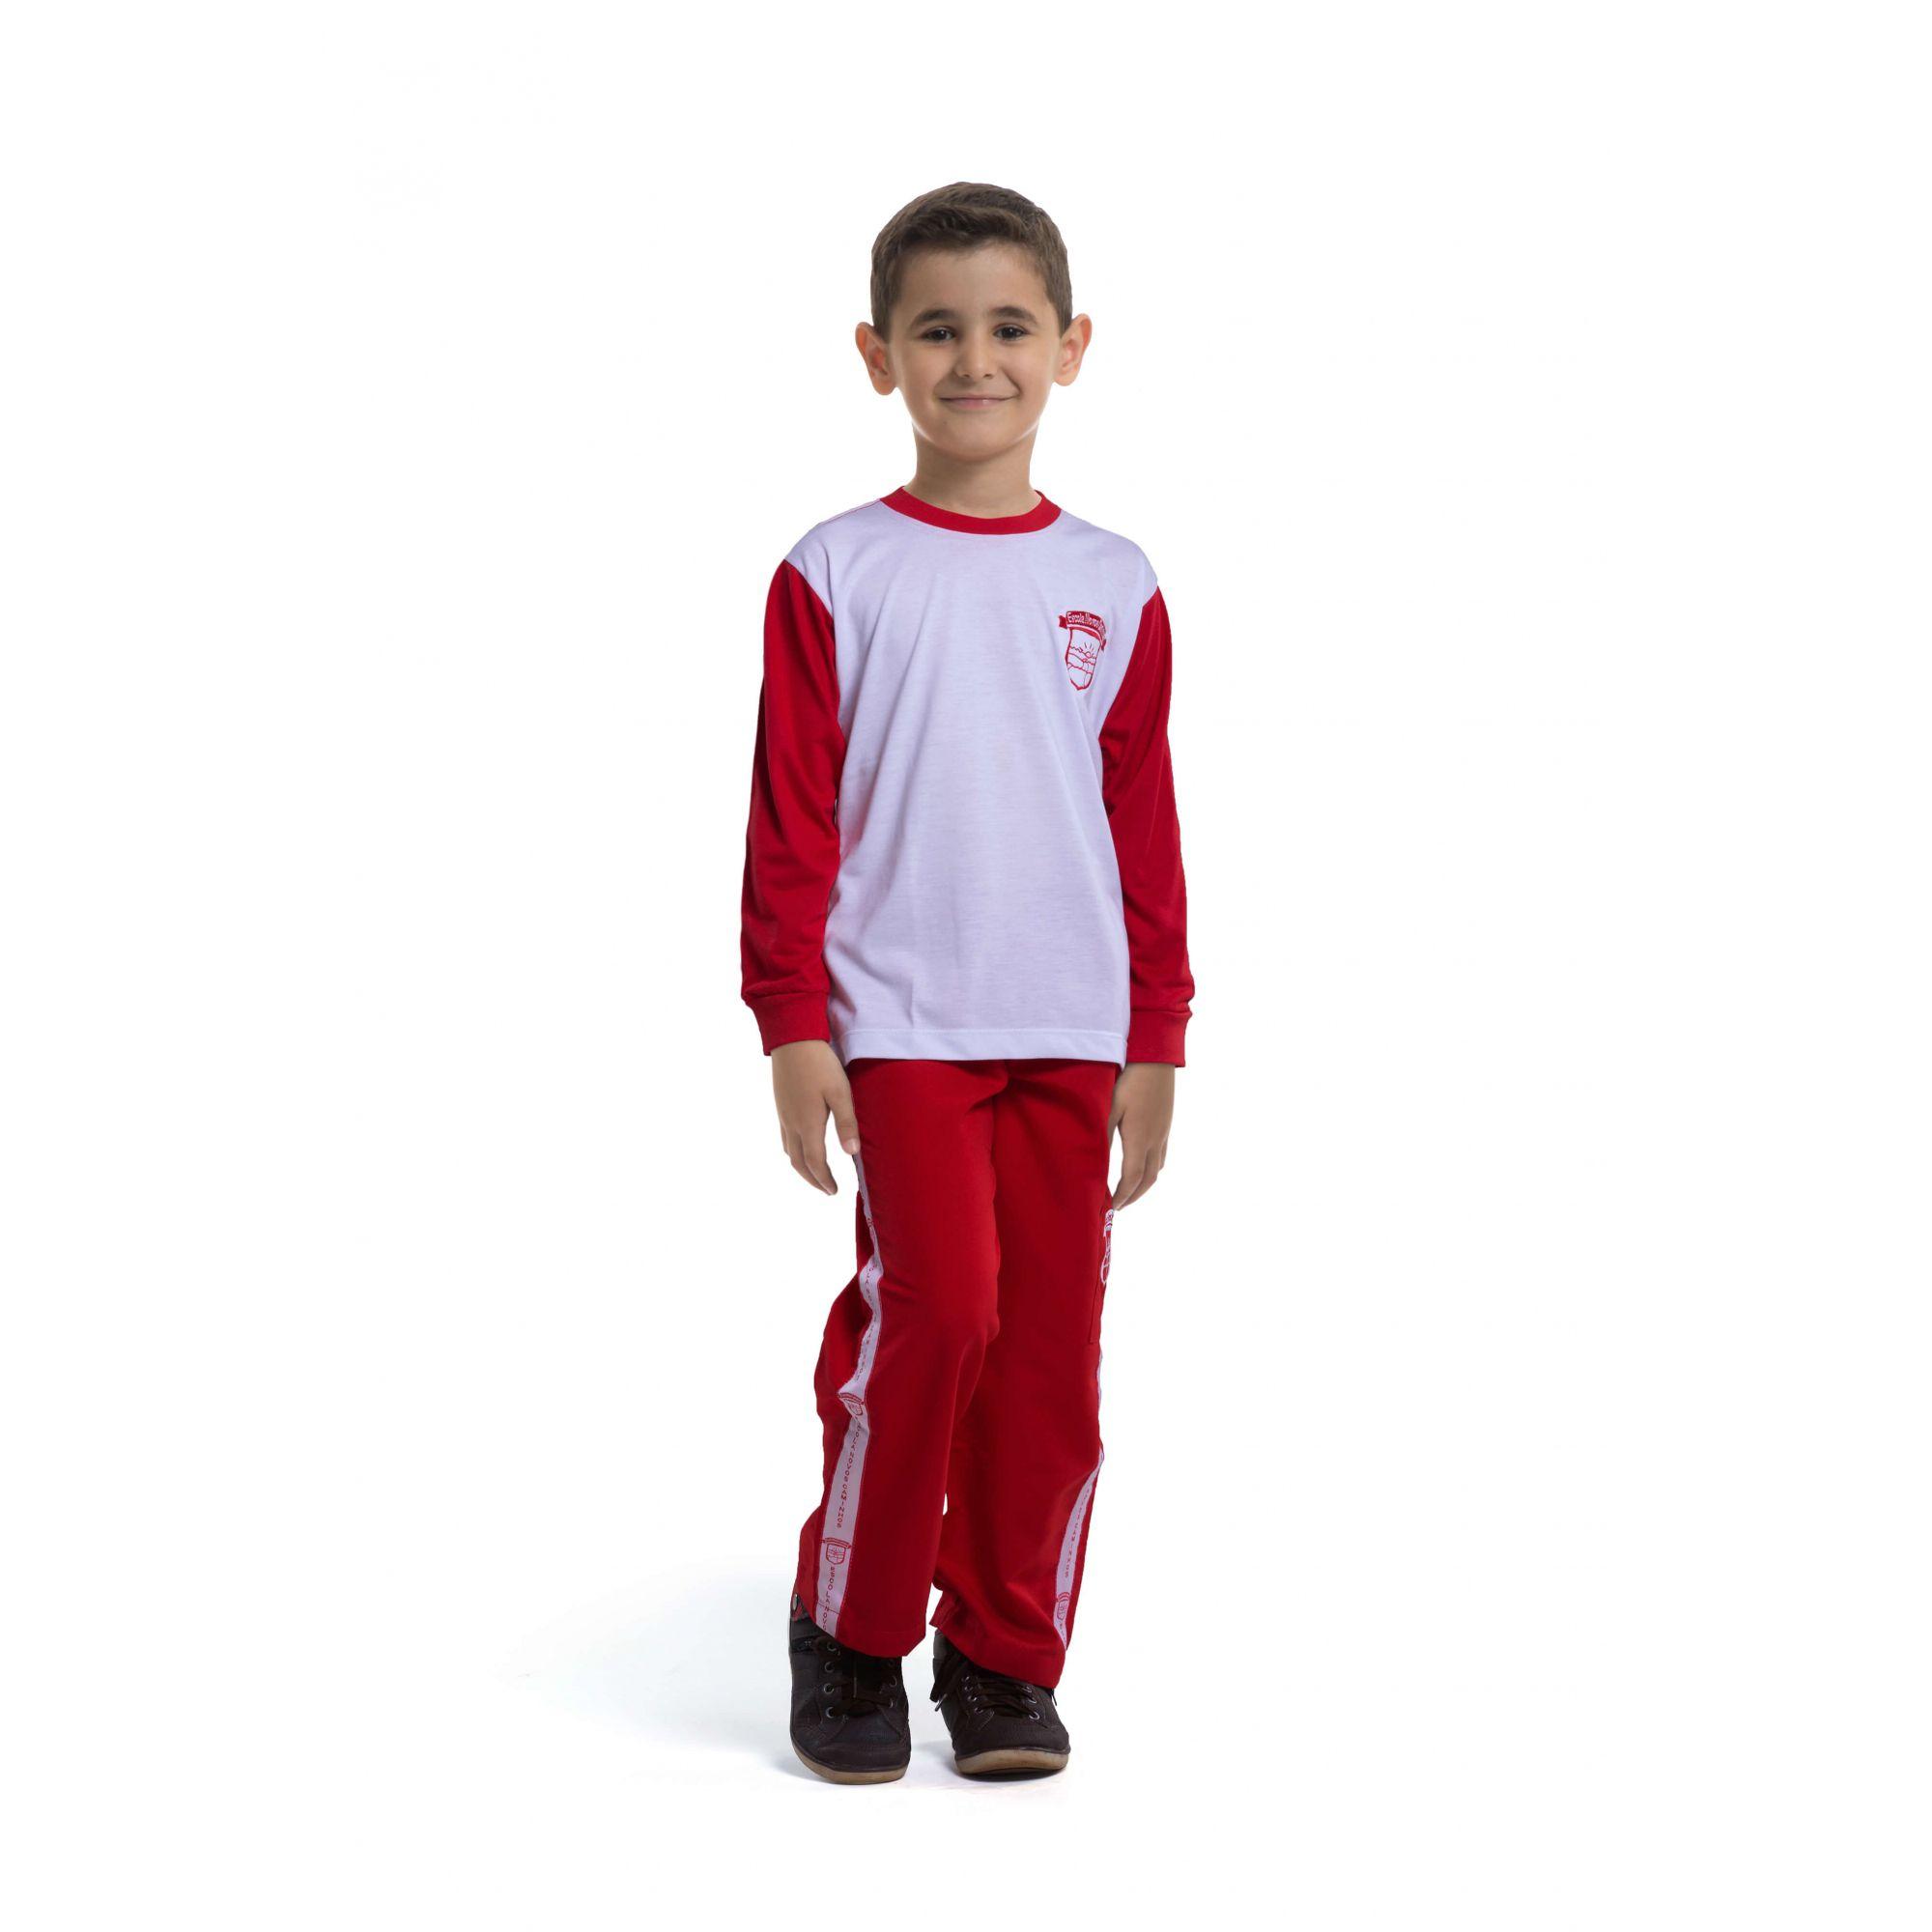 Camiseta manga longa em poliviscose. Colégio Novos Caminhos.